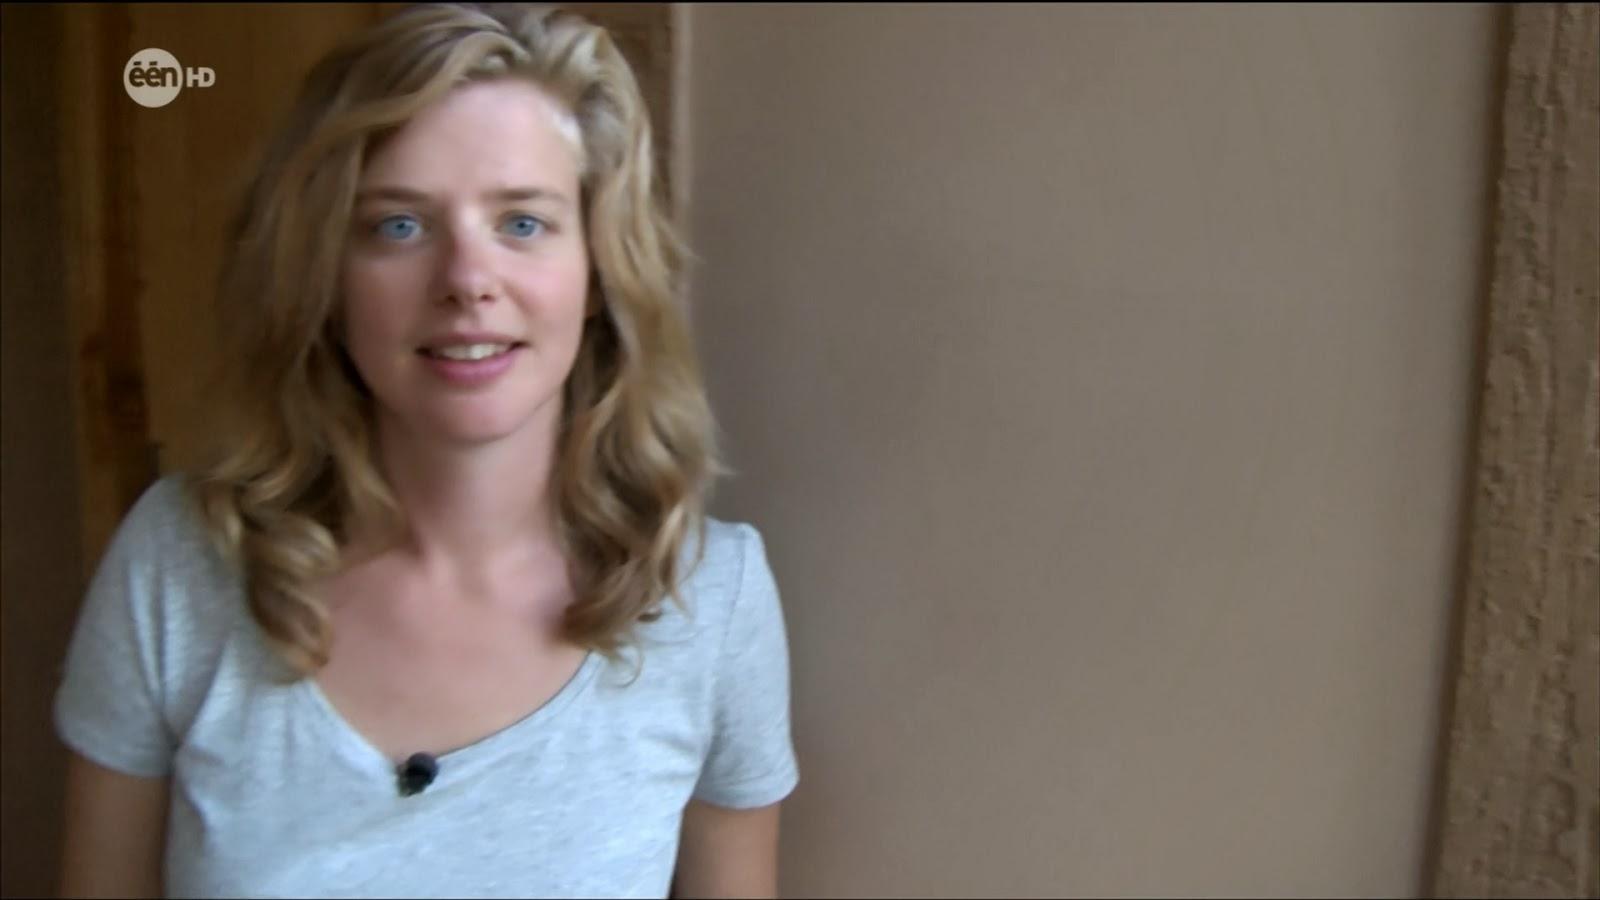 Hoe is het nu met de Vlaamse hitzangeres Belle Perez